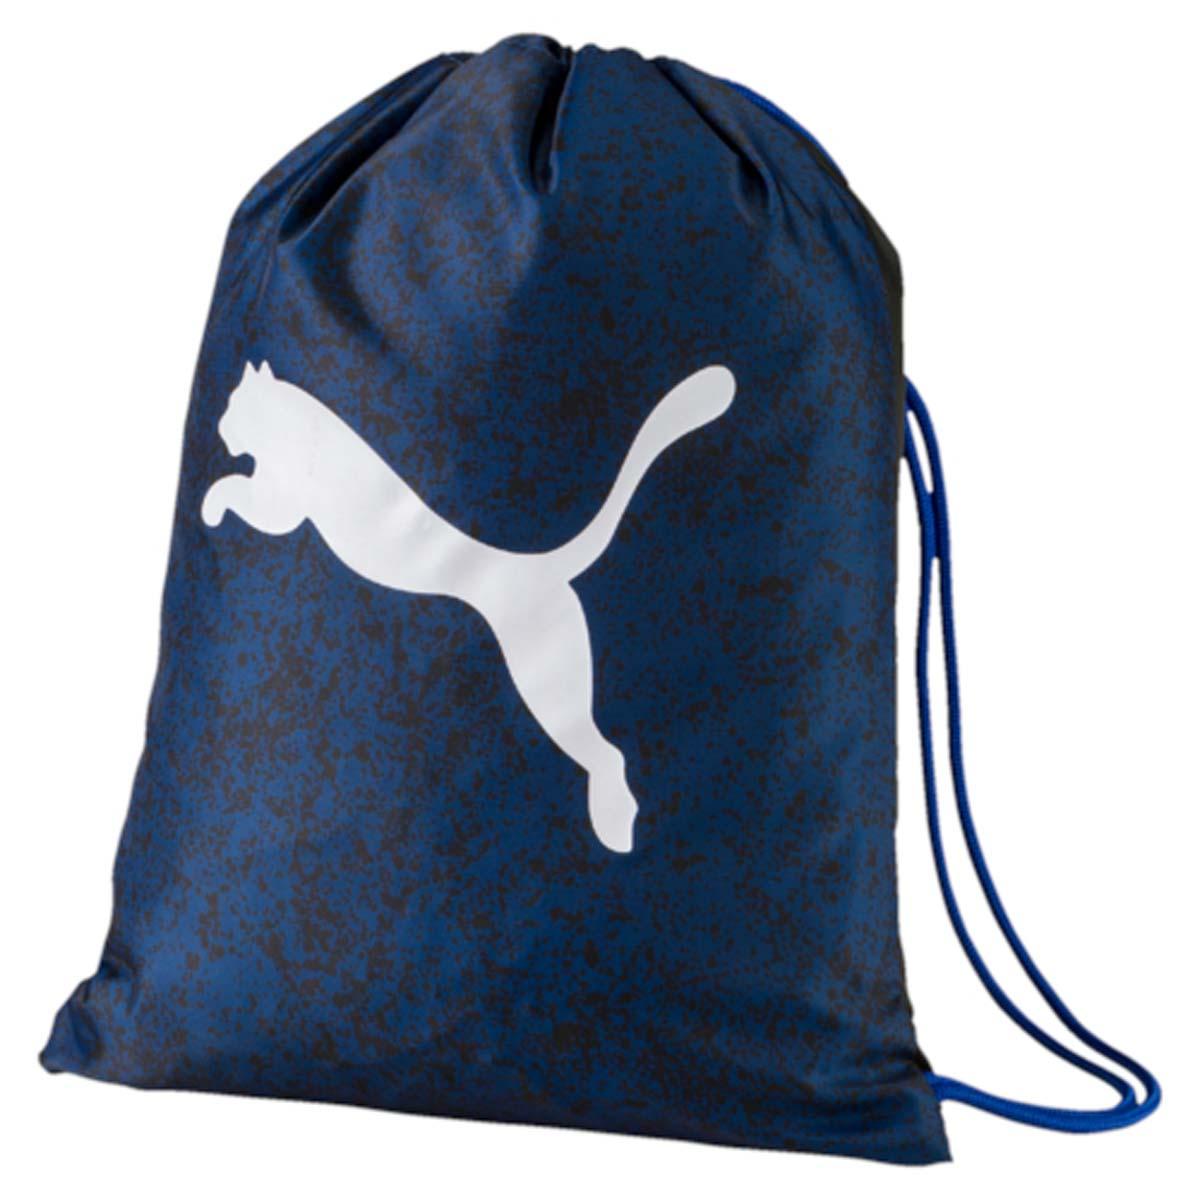 Рюкзак Puma Alpha Gym Sack, цвет: синий. 07440703BM8434-58AEСпортивный рюкзак Puma выполнен из текстиля. Модель с одним отделением на затягивающемся шнурке и тонких лямках.